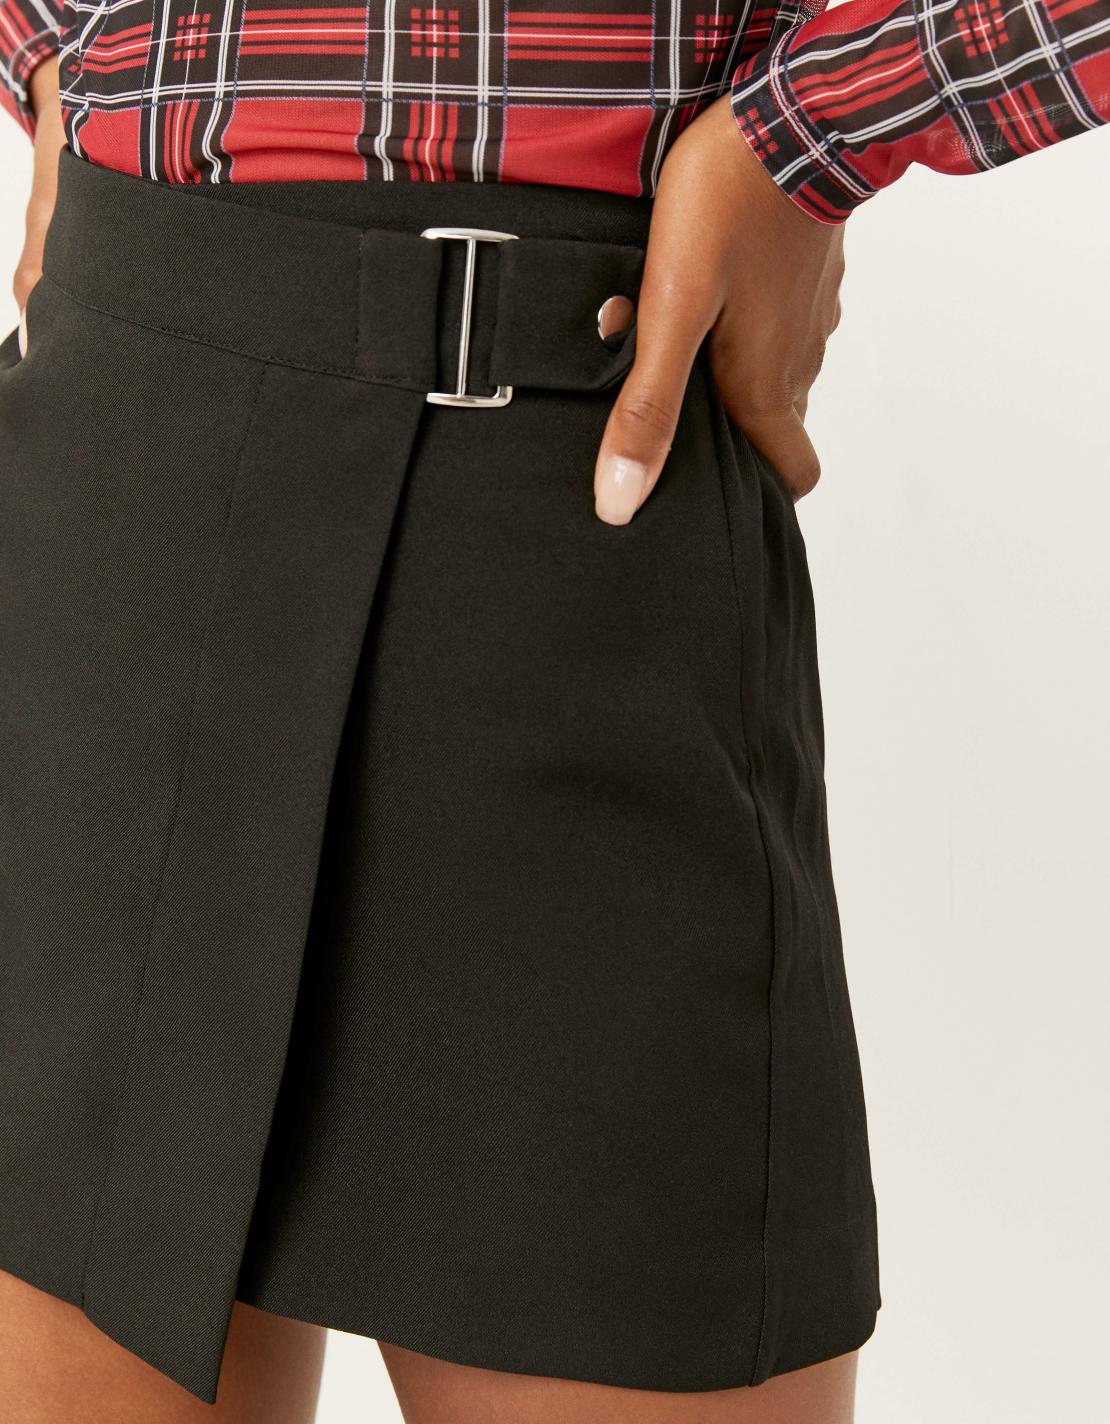 מכנסיים חצאית SSHPEJALO-HH